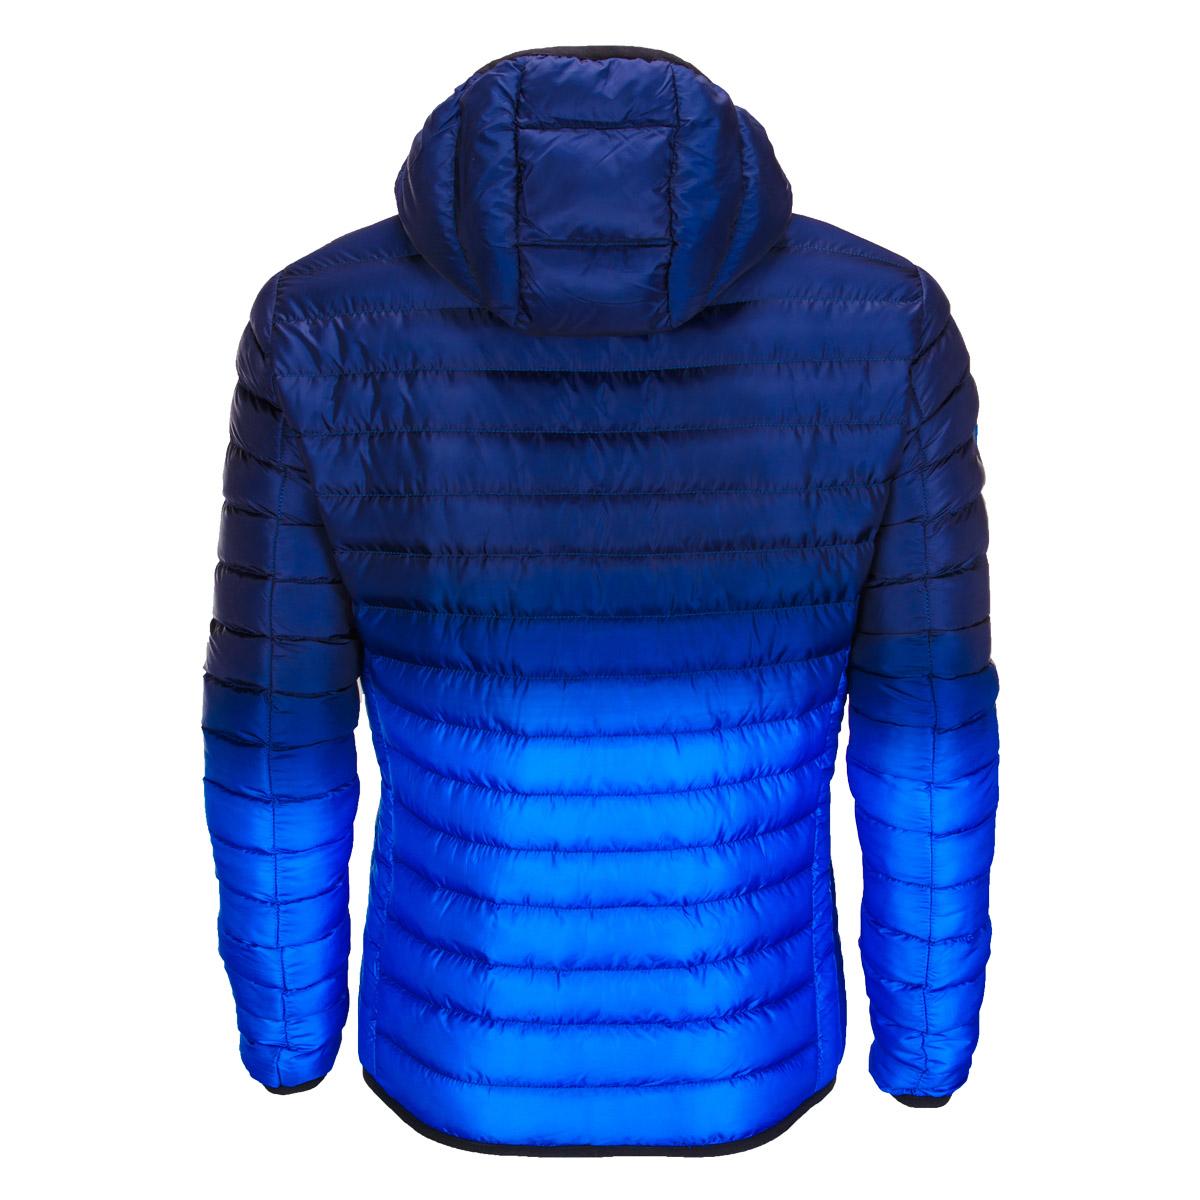 Pánská prošívaná bunda Avalanche tmavě modrá S